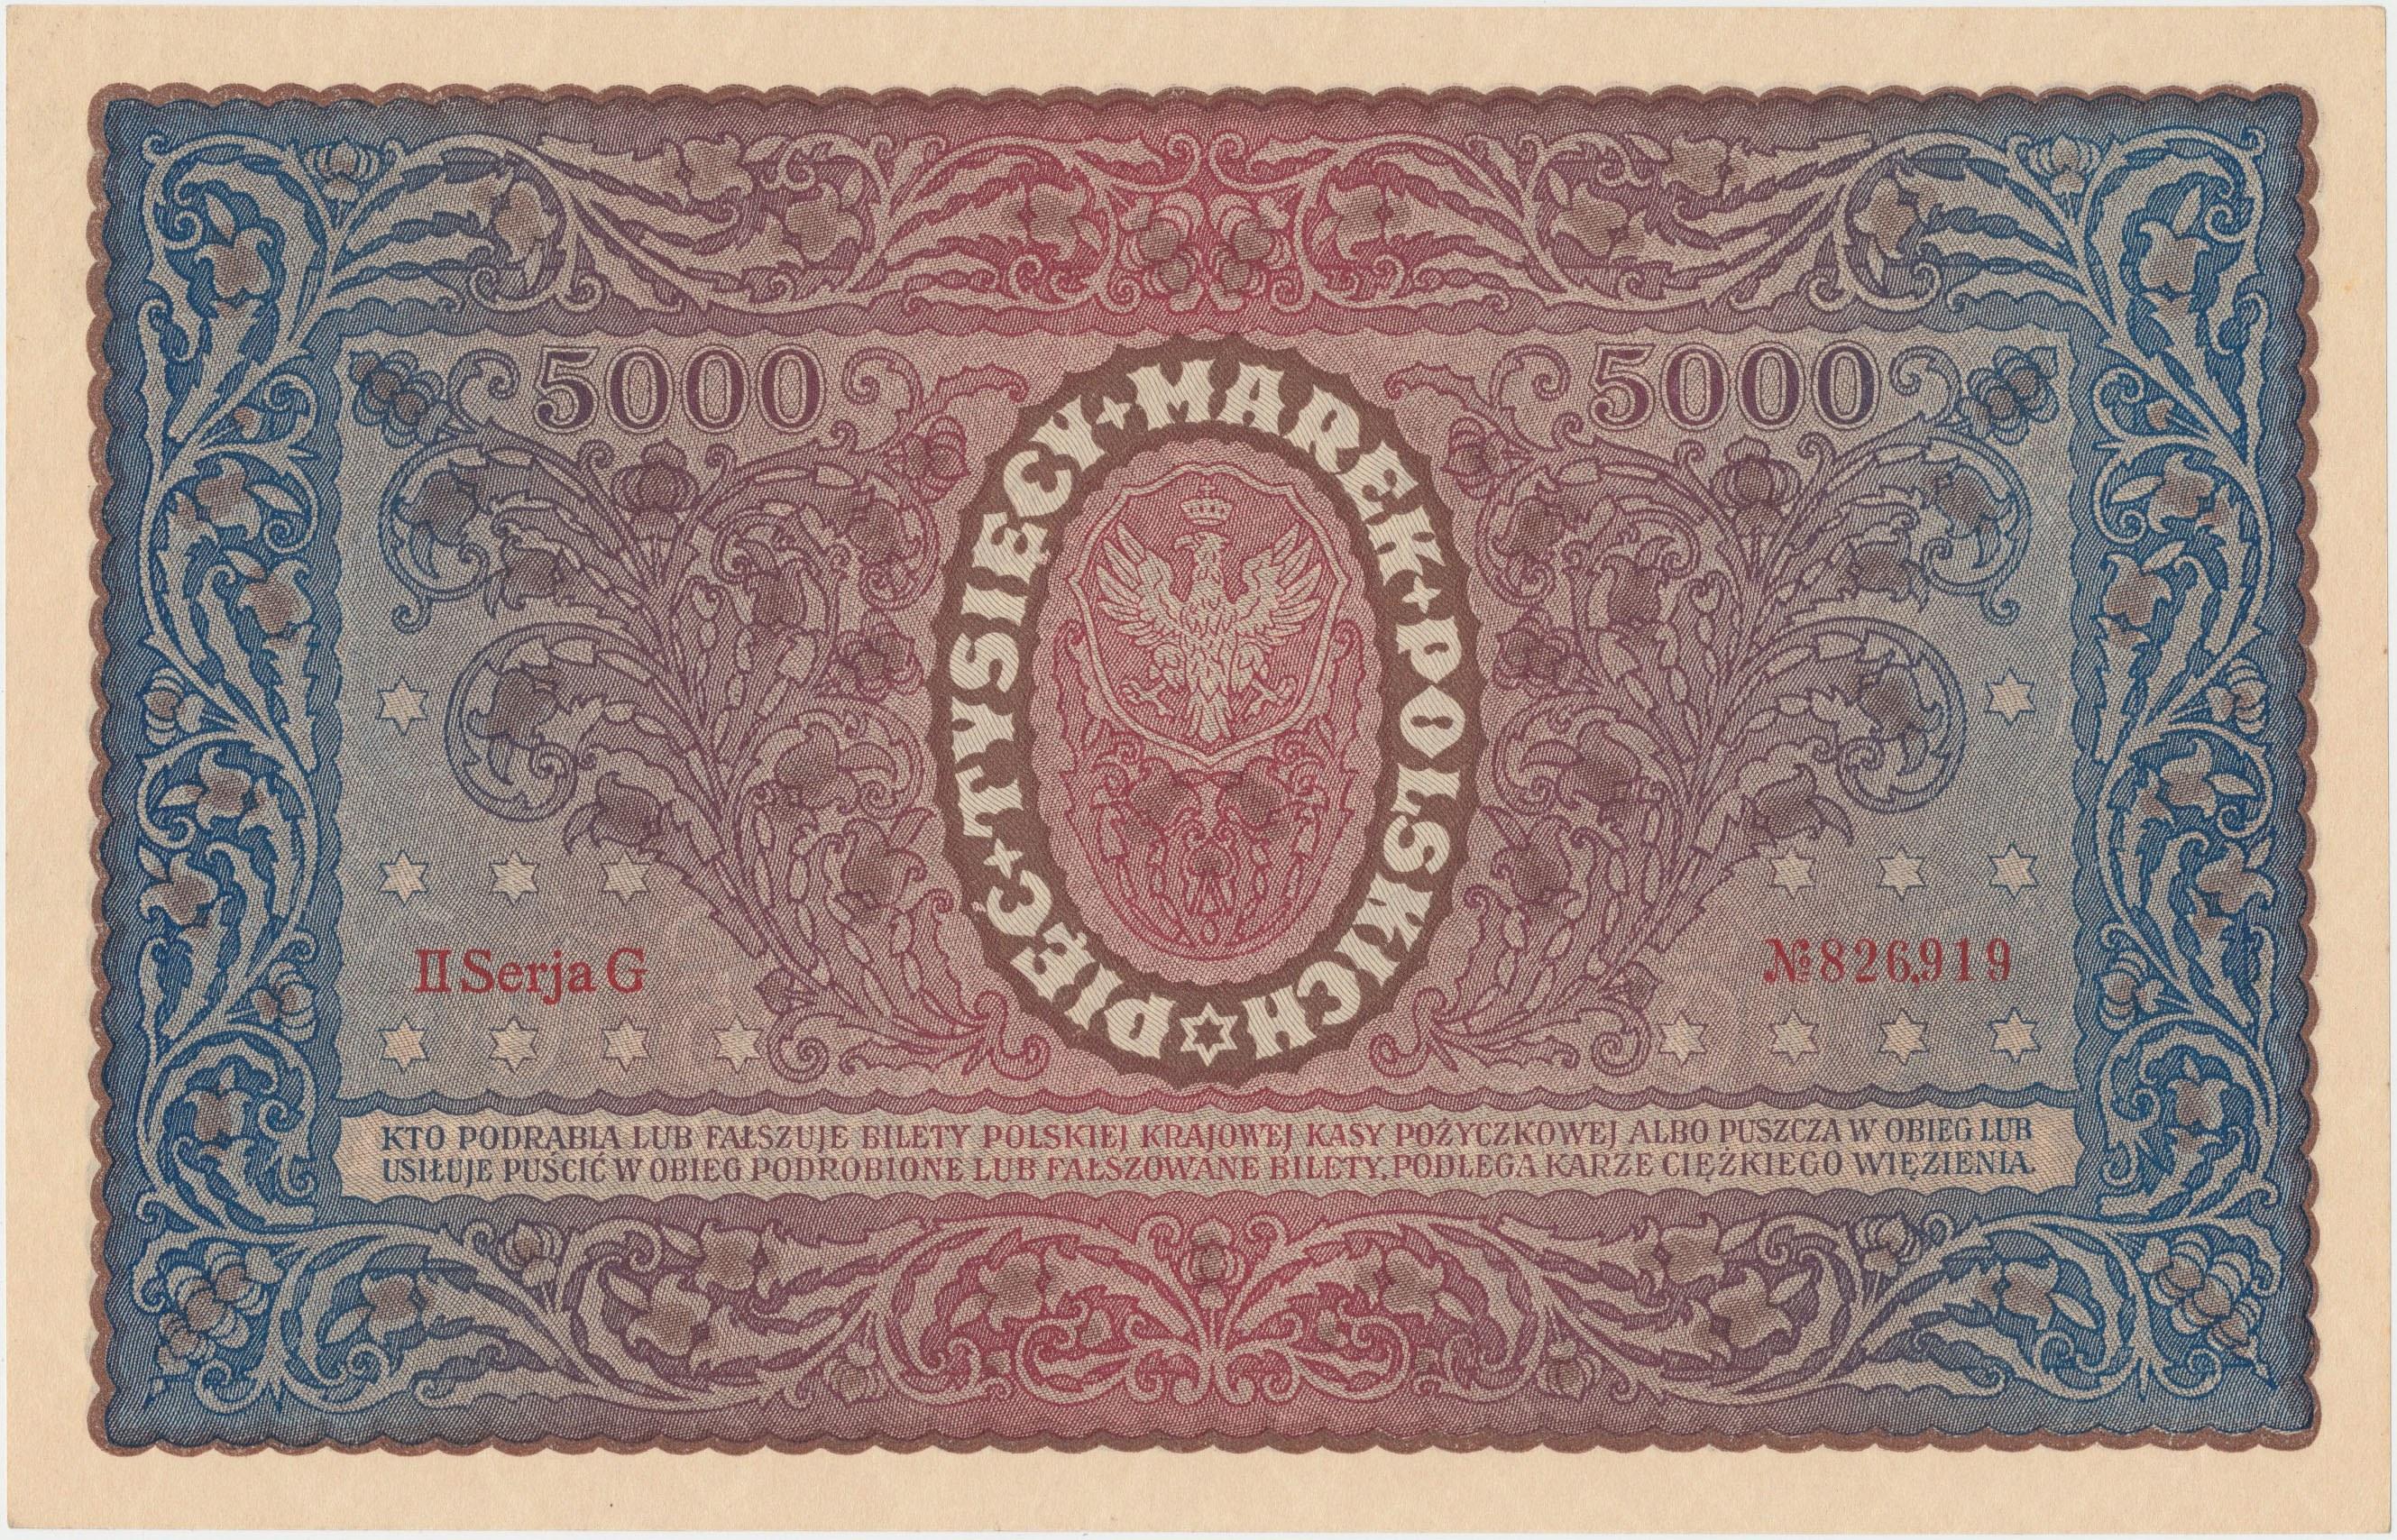 5000_marek_polskich_1920_rewers.jpg